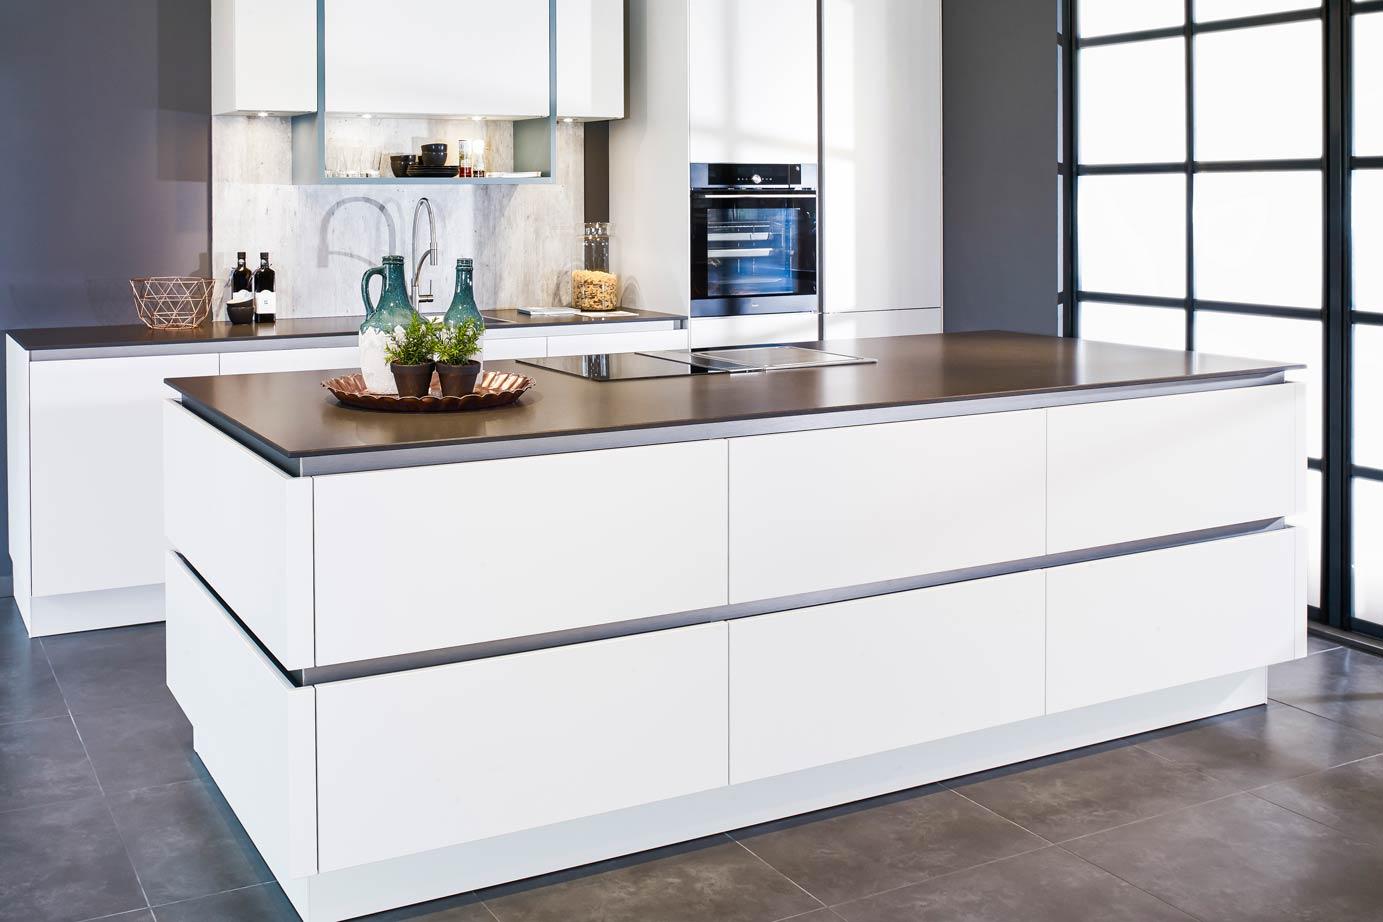 Witte Hoogglans Keuken Met Wit Blad : Witte keukens. diverse keukenstijlen. lage prijzen. db keukens